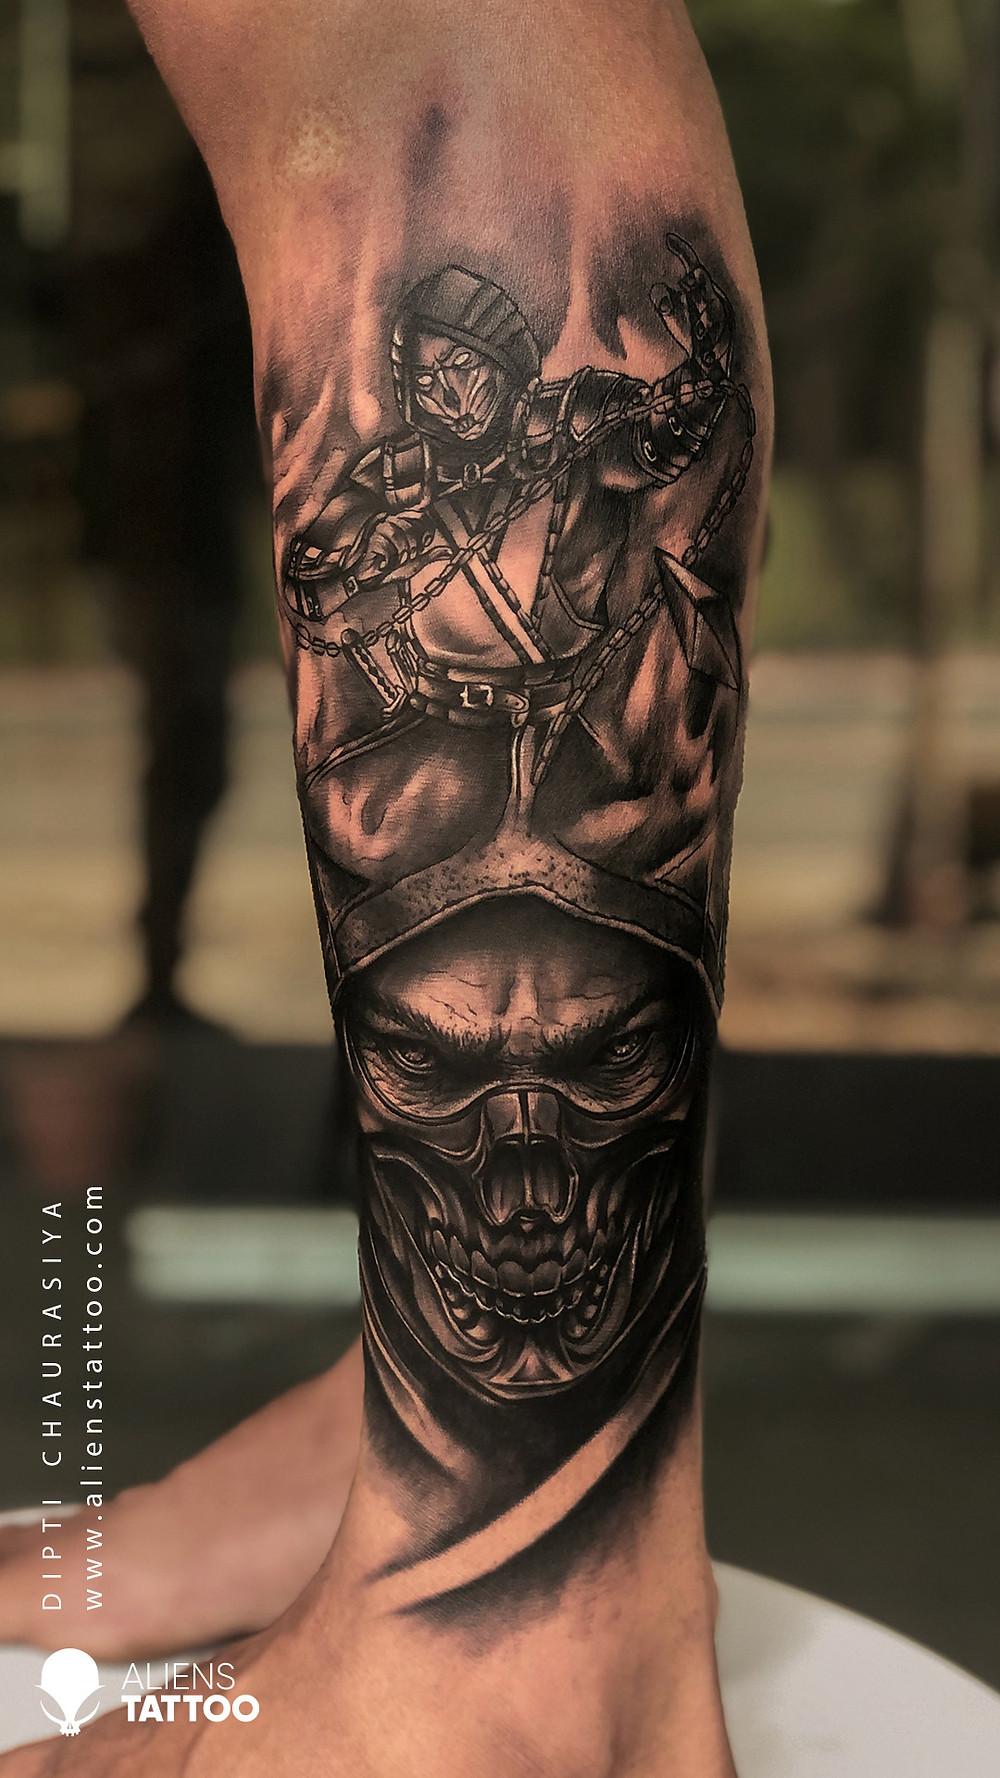 Tattoo Games : Mortal Kombat Tattoo On Arm